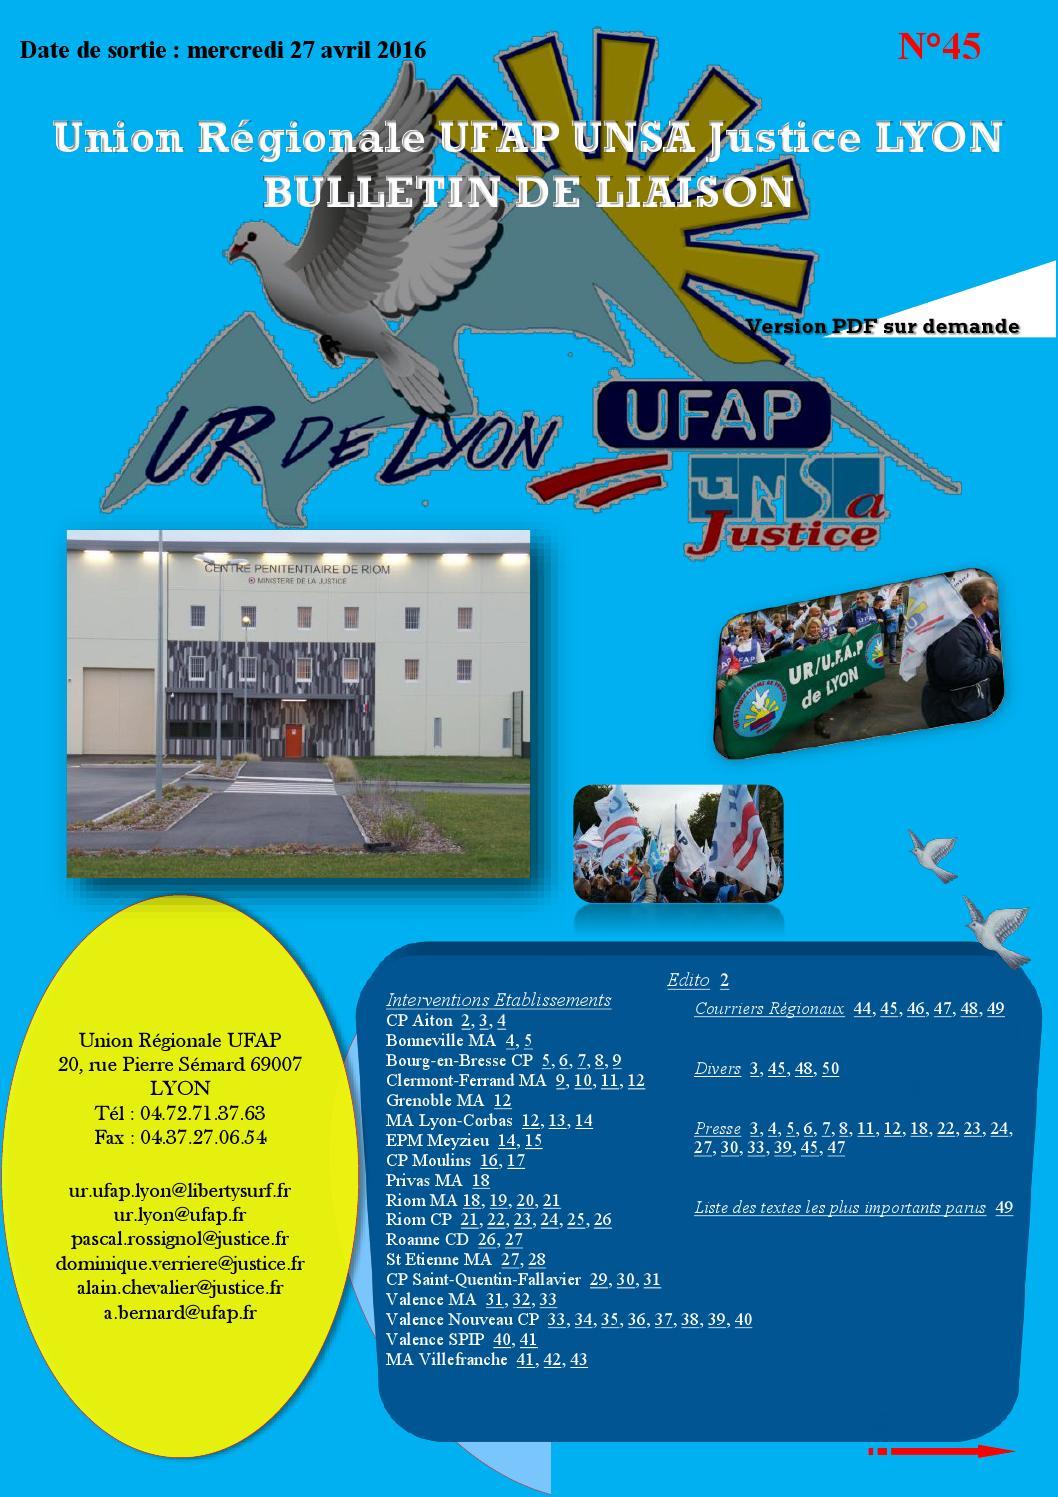 e028cfc5921 Bulletin n°45 (juillet à décembre 2015) 1  by UFAP-UNSa Justice - issuu